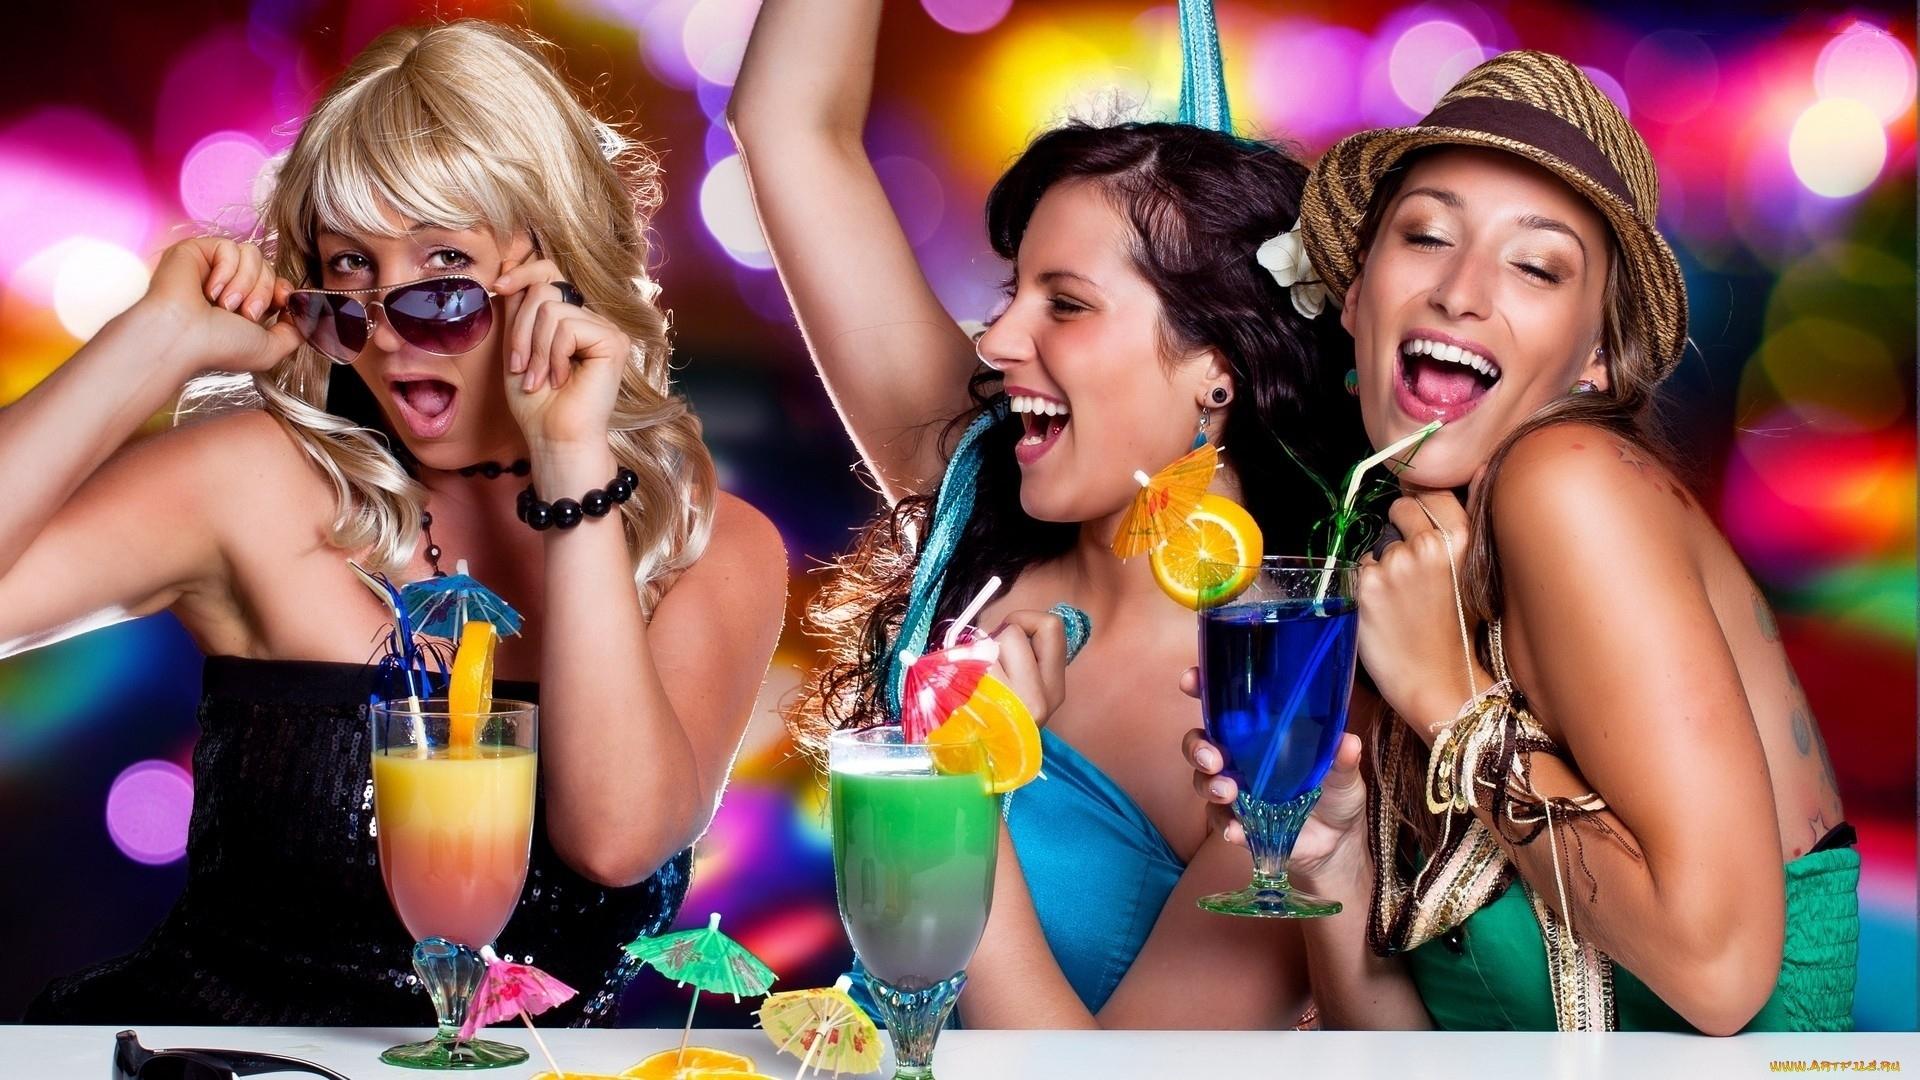 Веселая дискотека с пьяными девушками глубокий минет глотанием